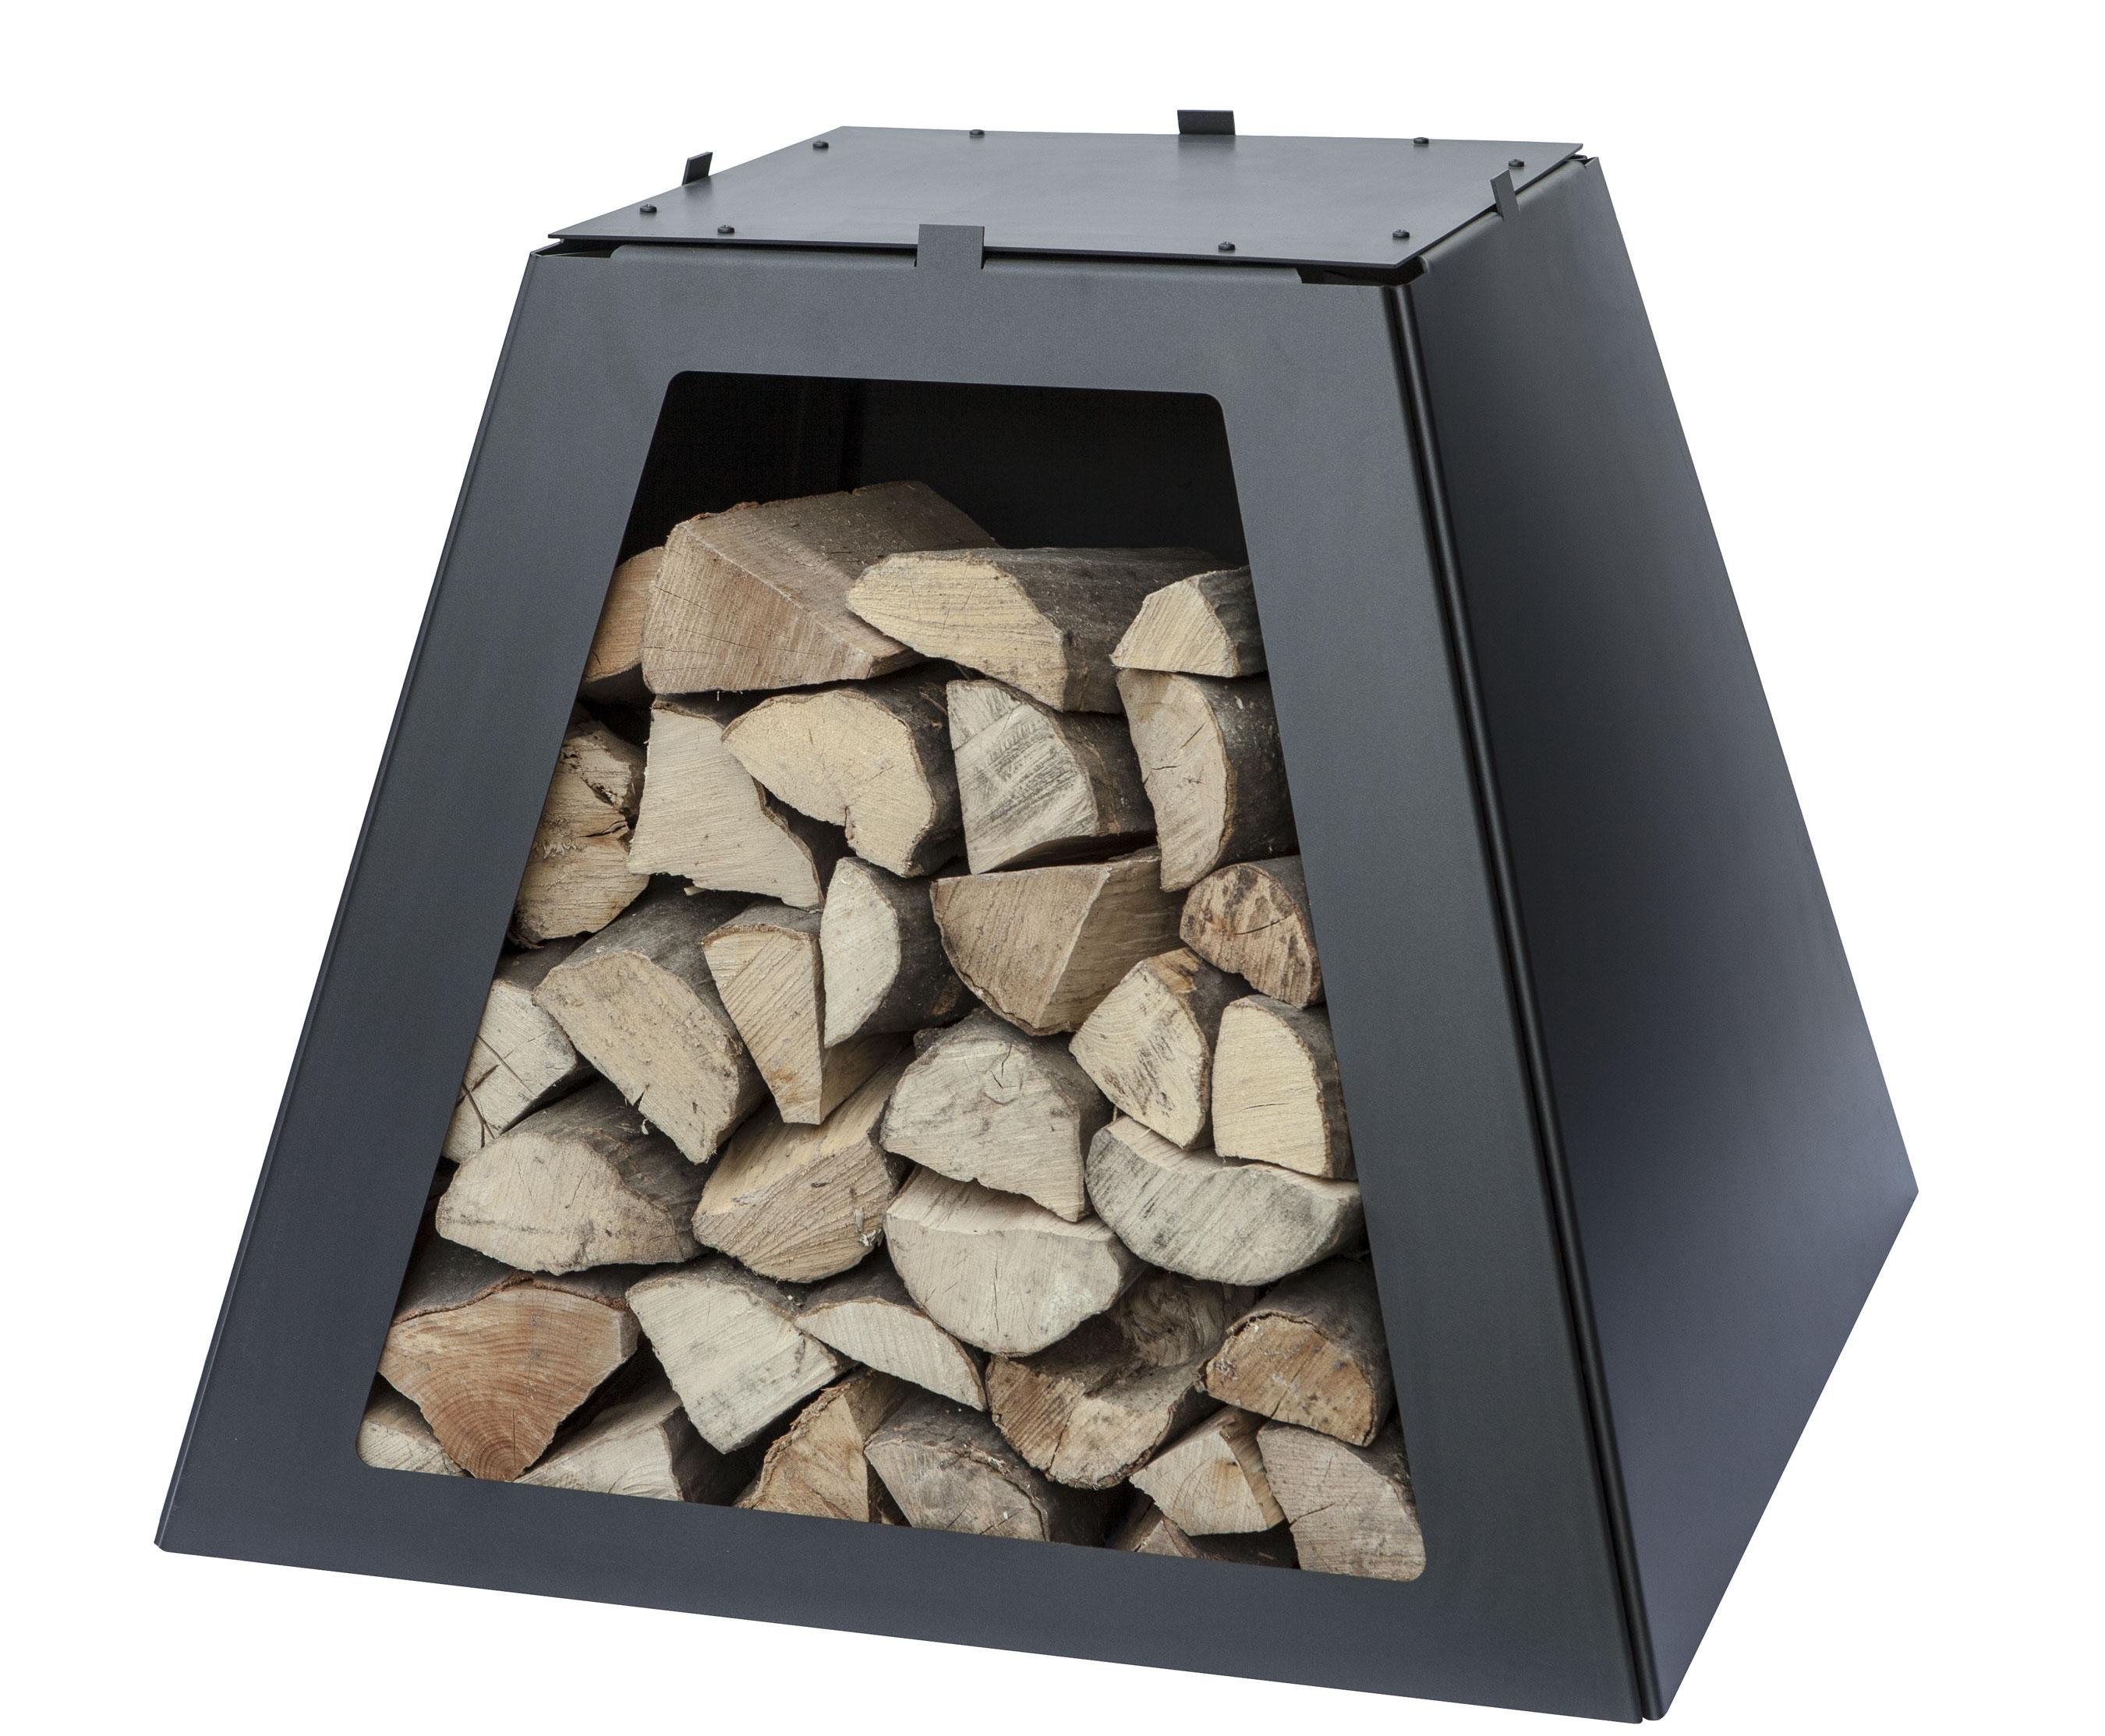 Aduro Prisma Basisholzfach Stahl schwarz Bild 1